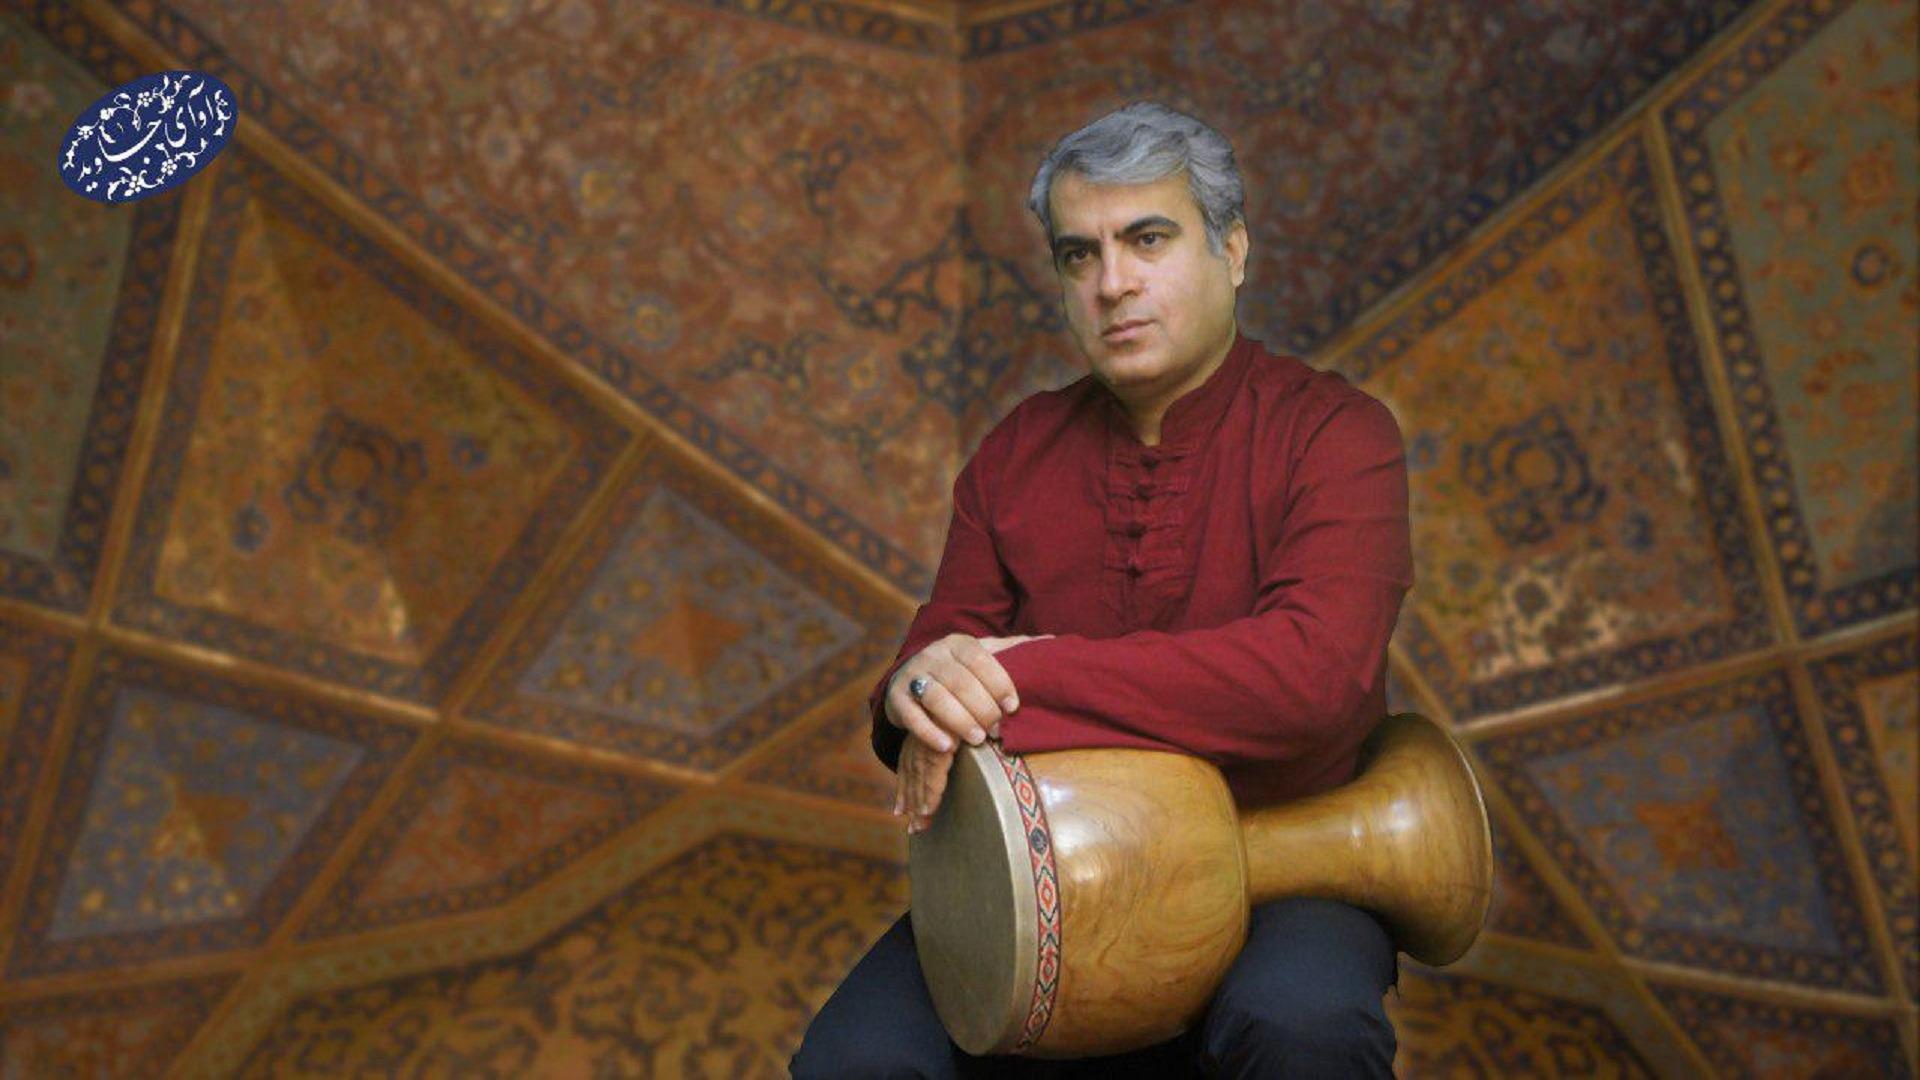 مهرداد مهدوی نوازنده تنبک در موسسه فرهنگی هنری آوای جاوید